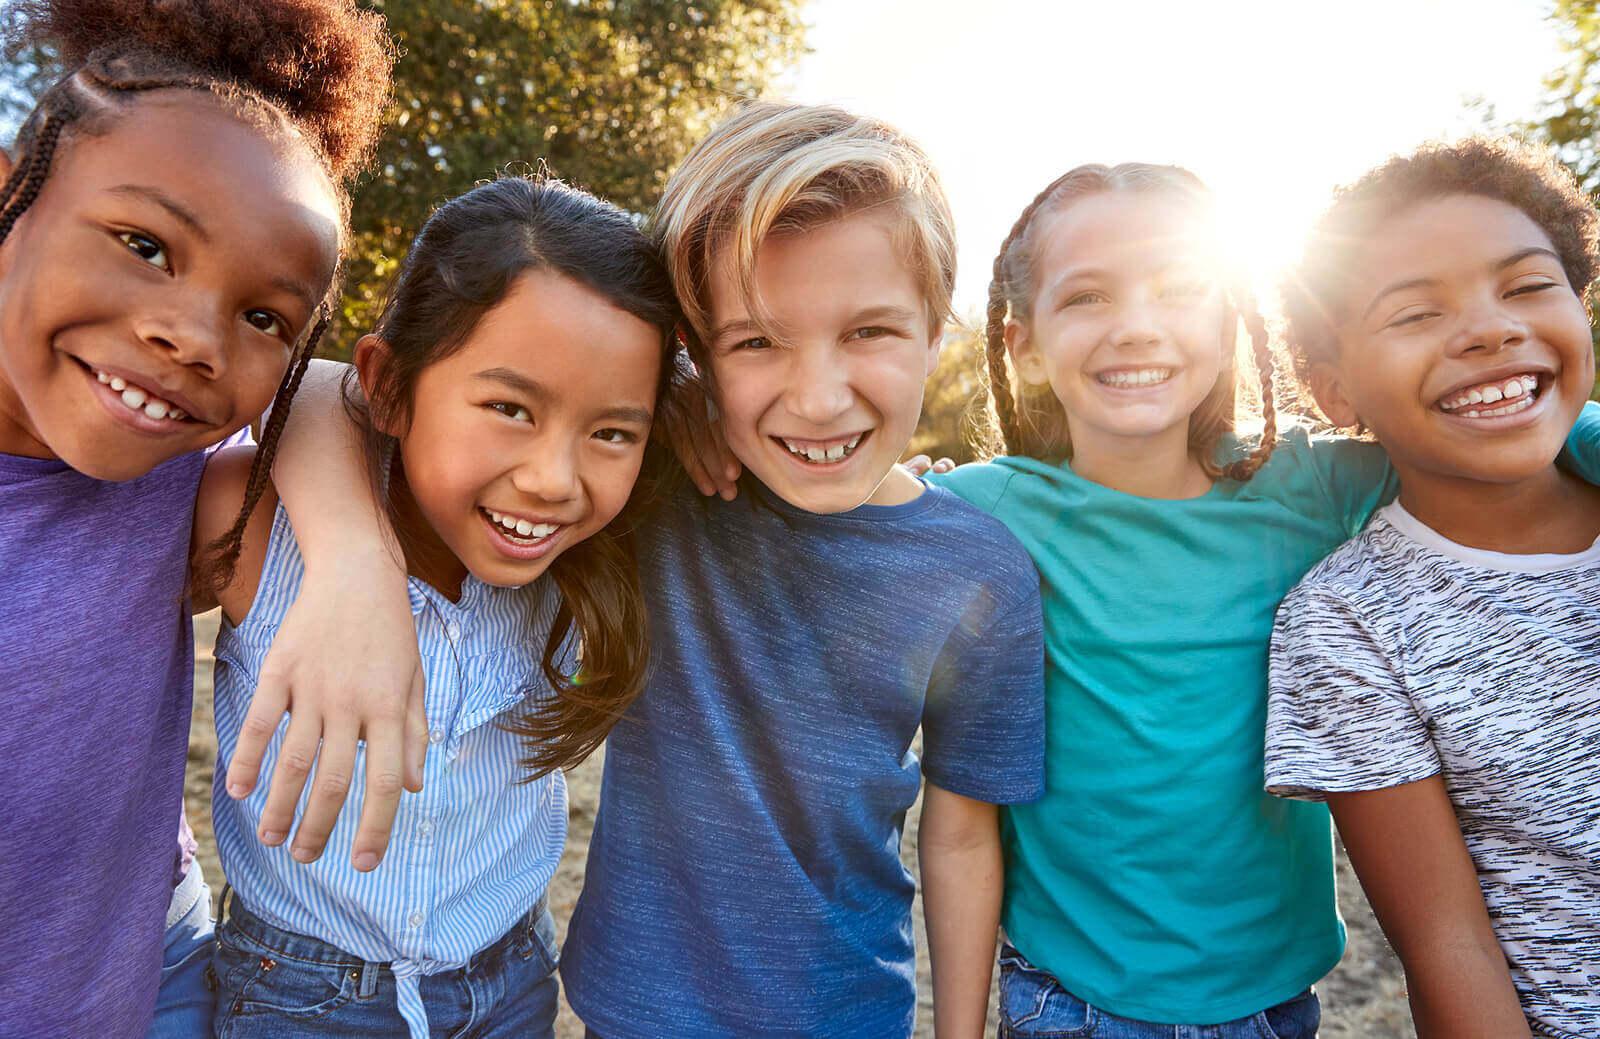 어린이의 사회지능은 무엇일까